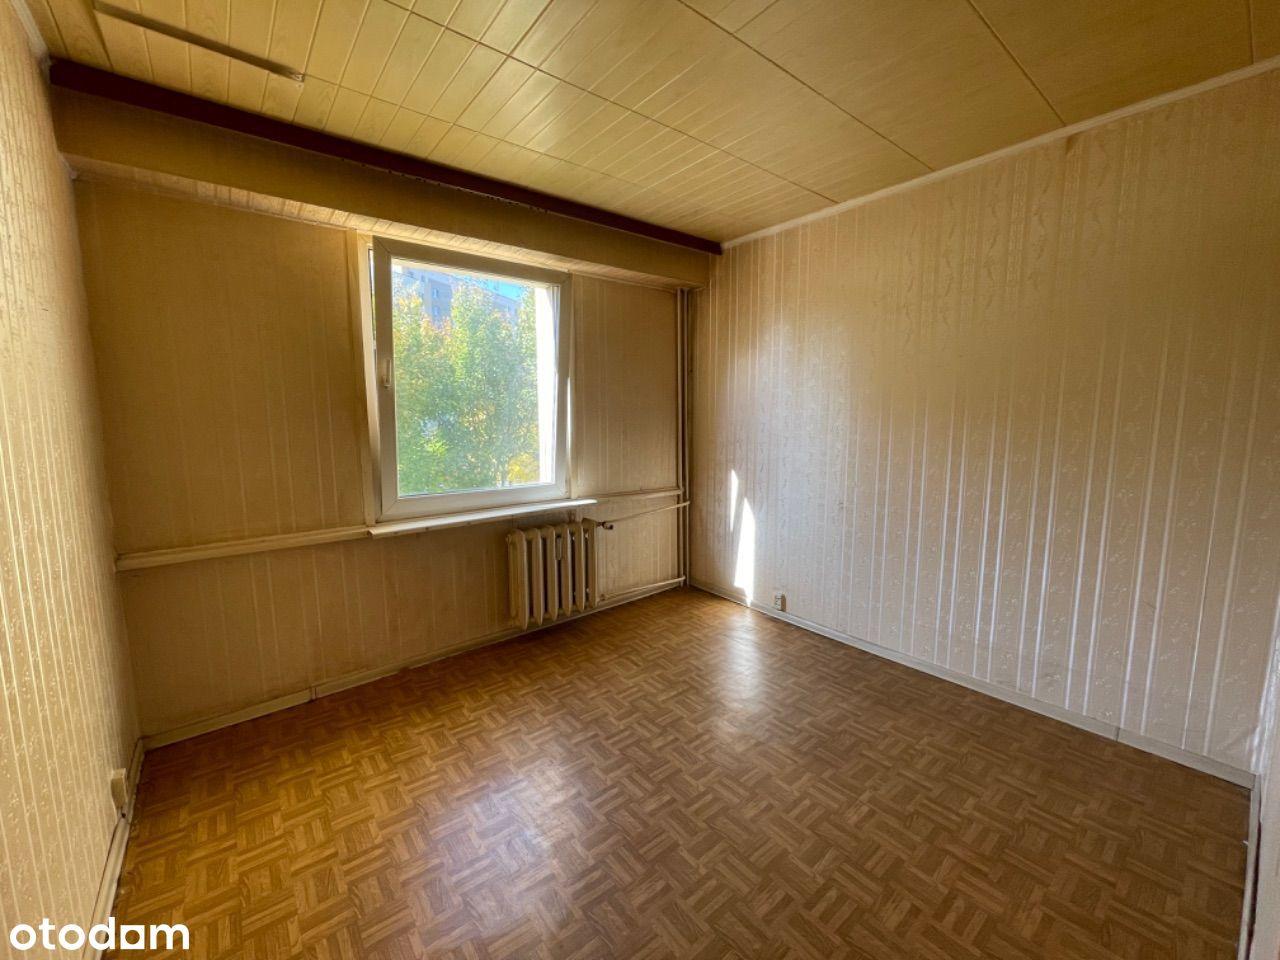 Mieszkanie ul.Studzienna 48m